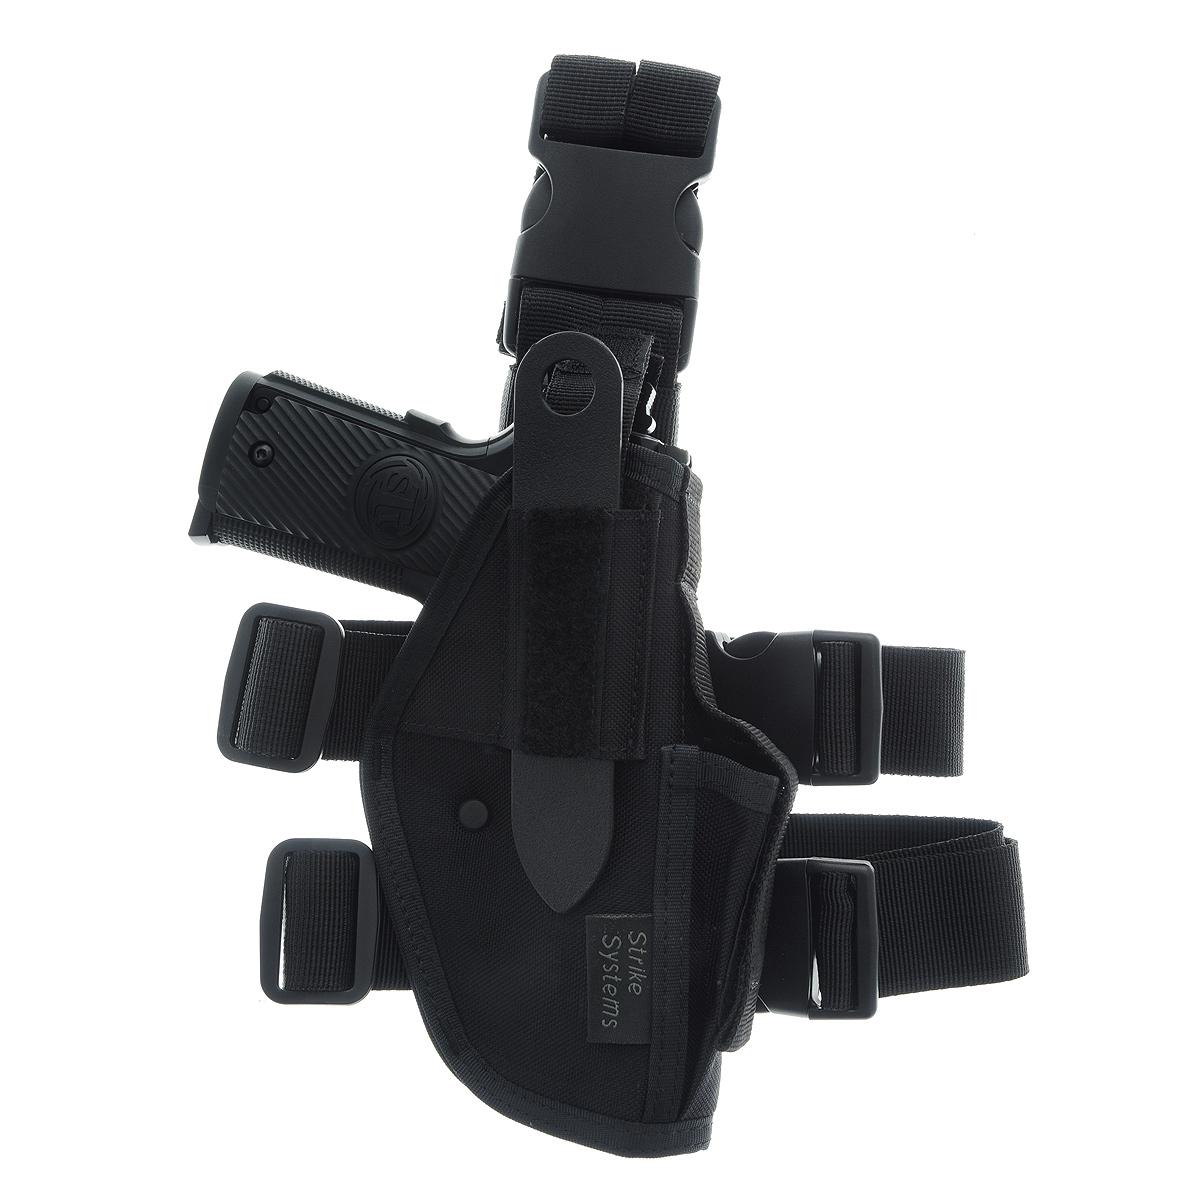 цены  Кобура ASG набедренная для M92, G17/18, STI, CZ, Steyr, Bersa, цвет: Black (11968)